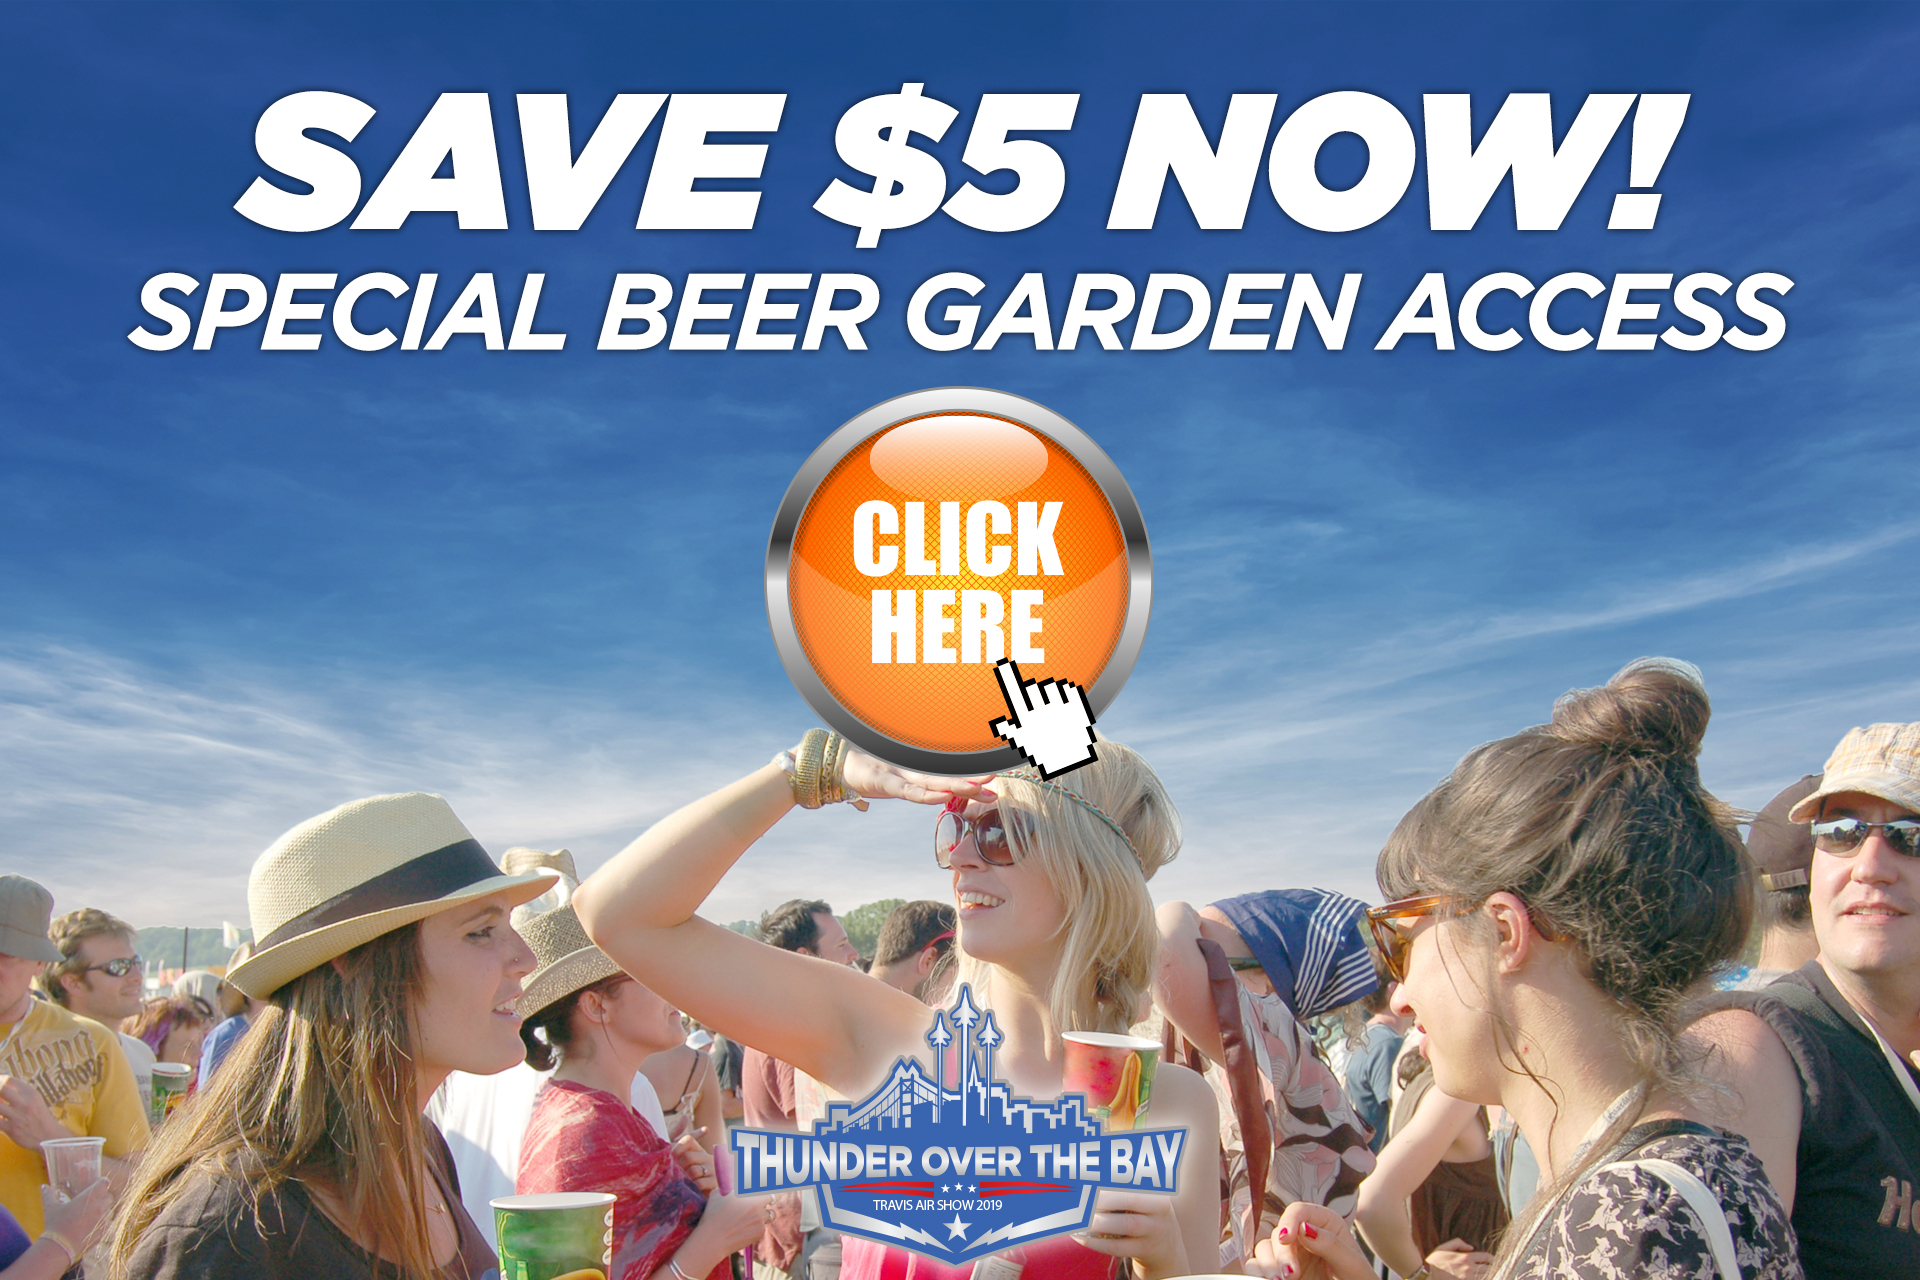 Beergarden-slide Copy 4